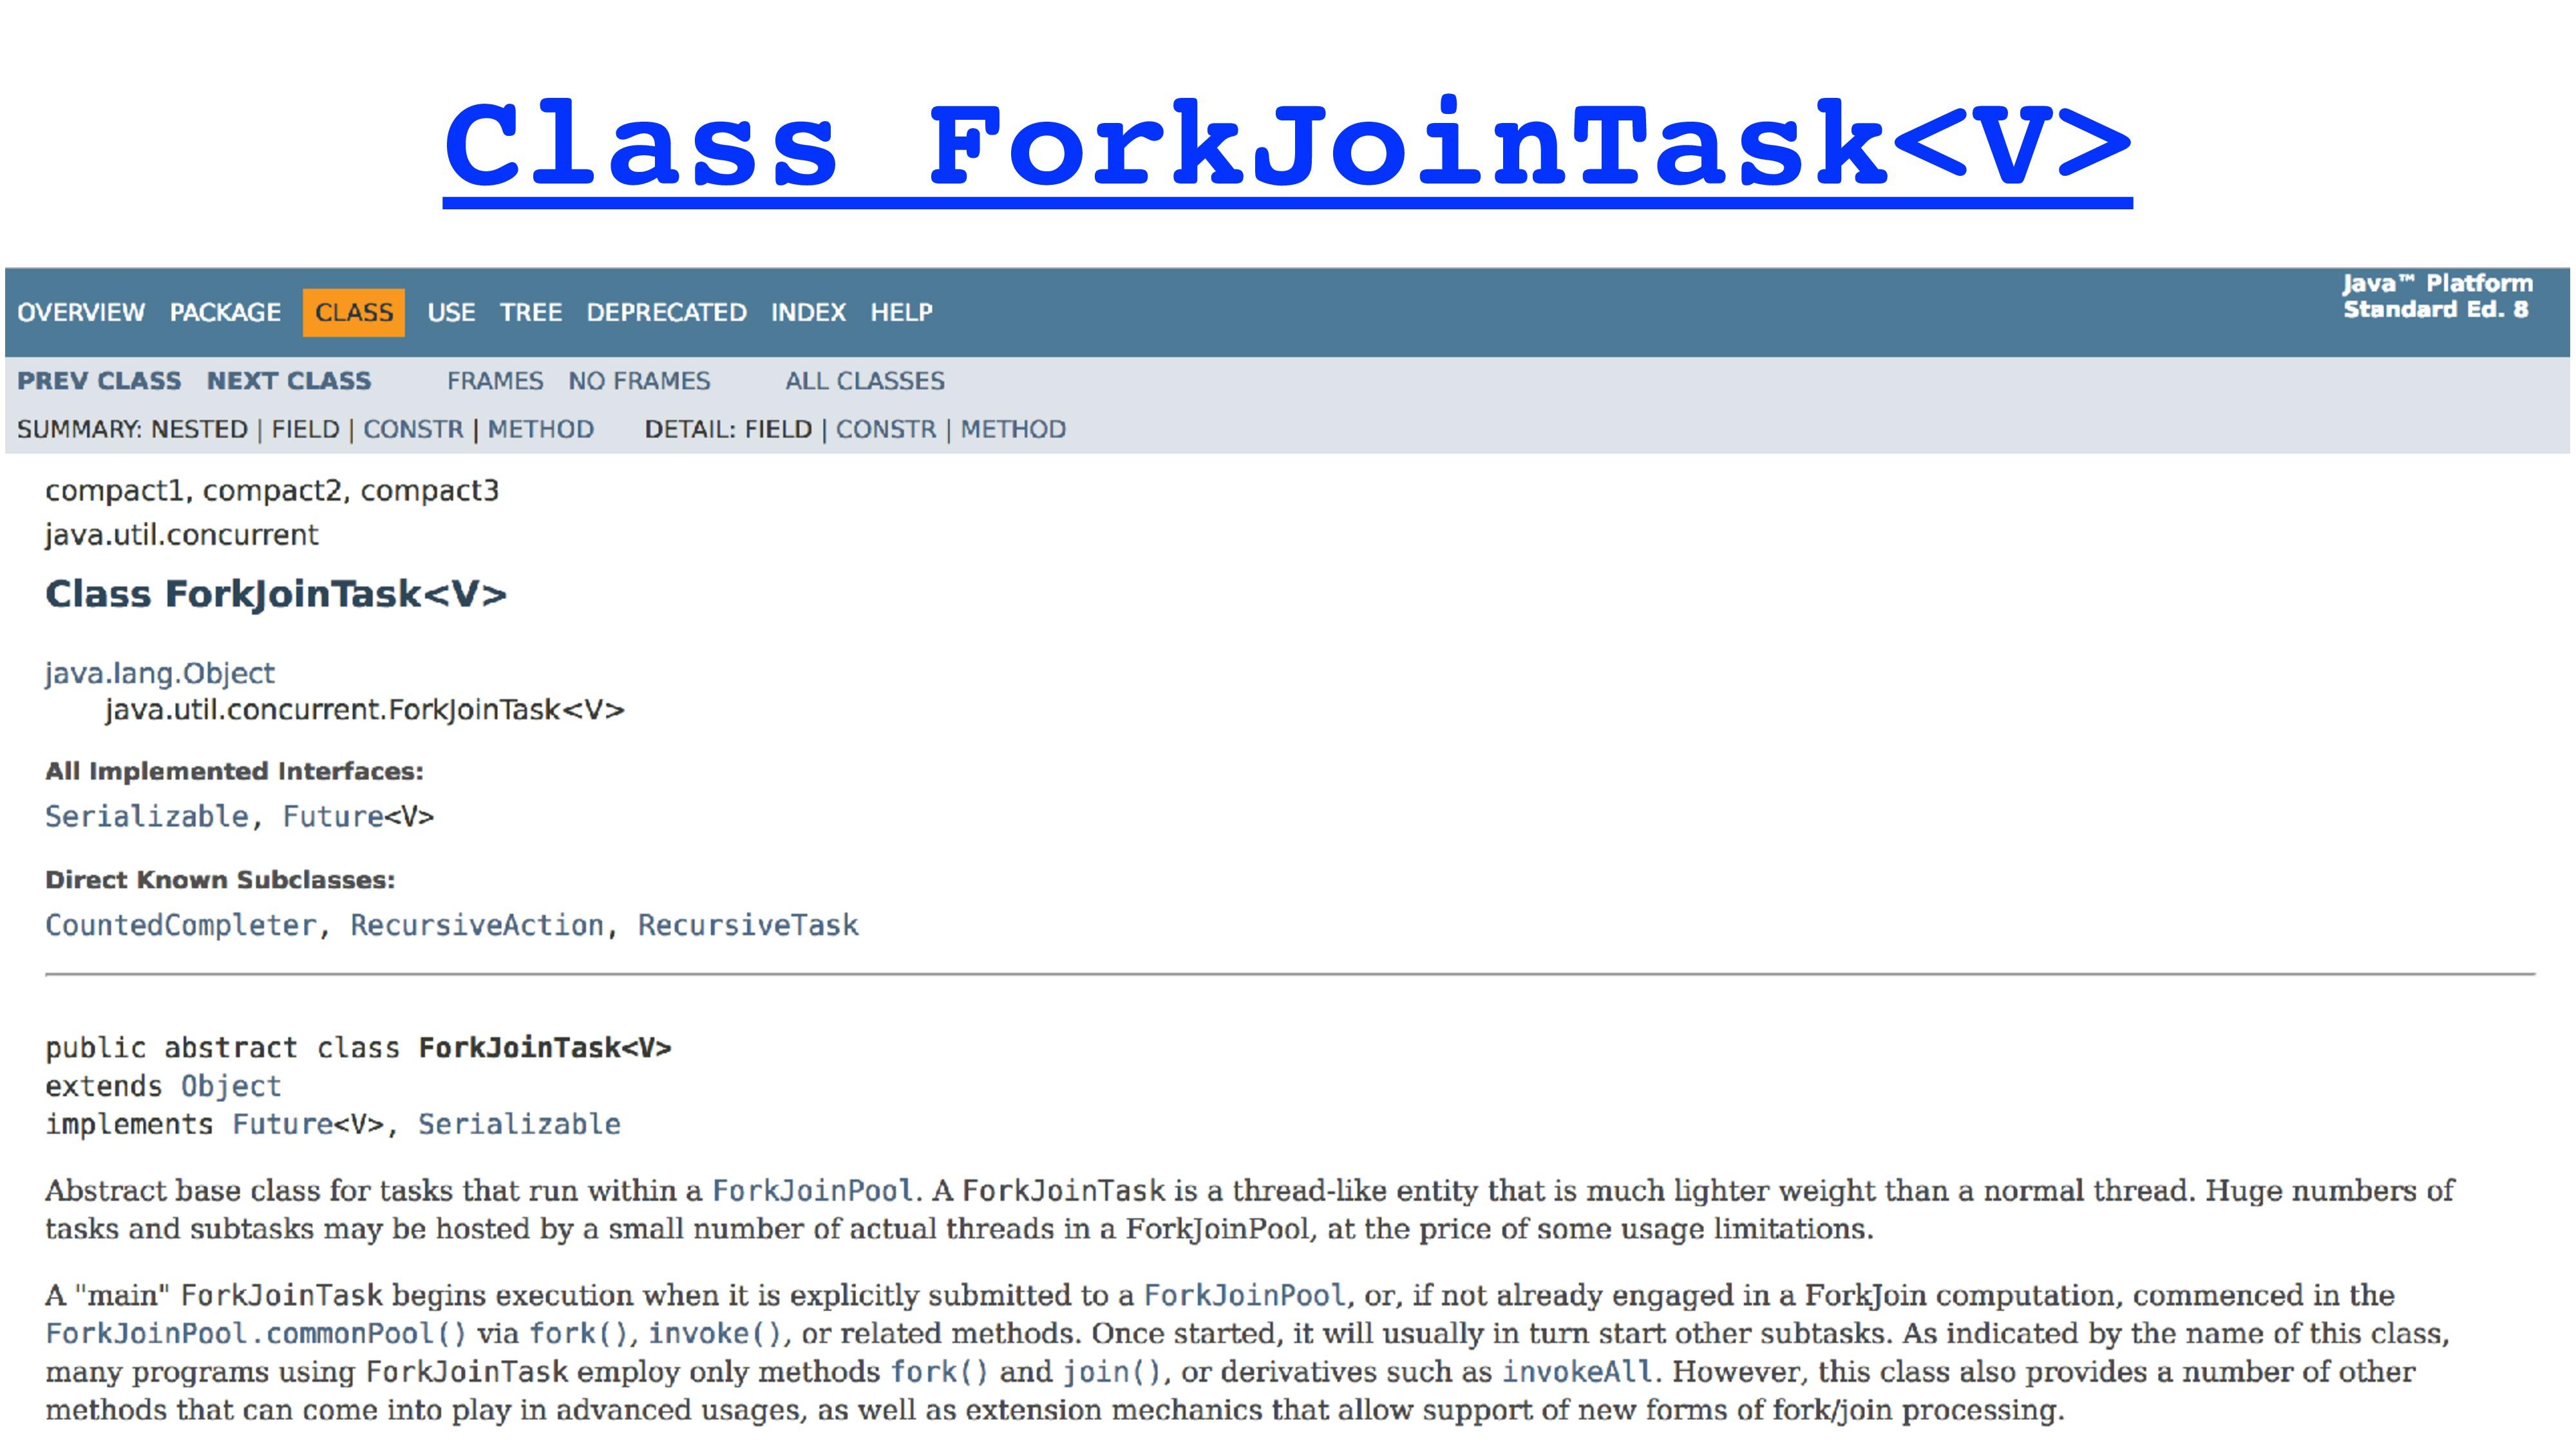 Class ForkJoinTask<V>